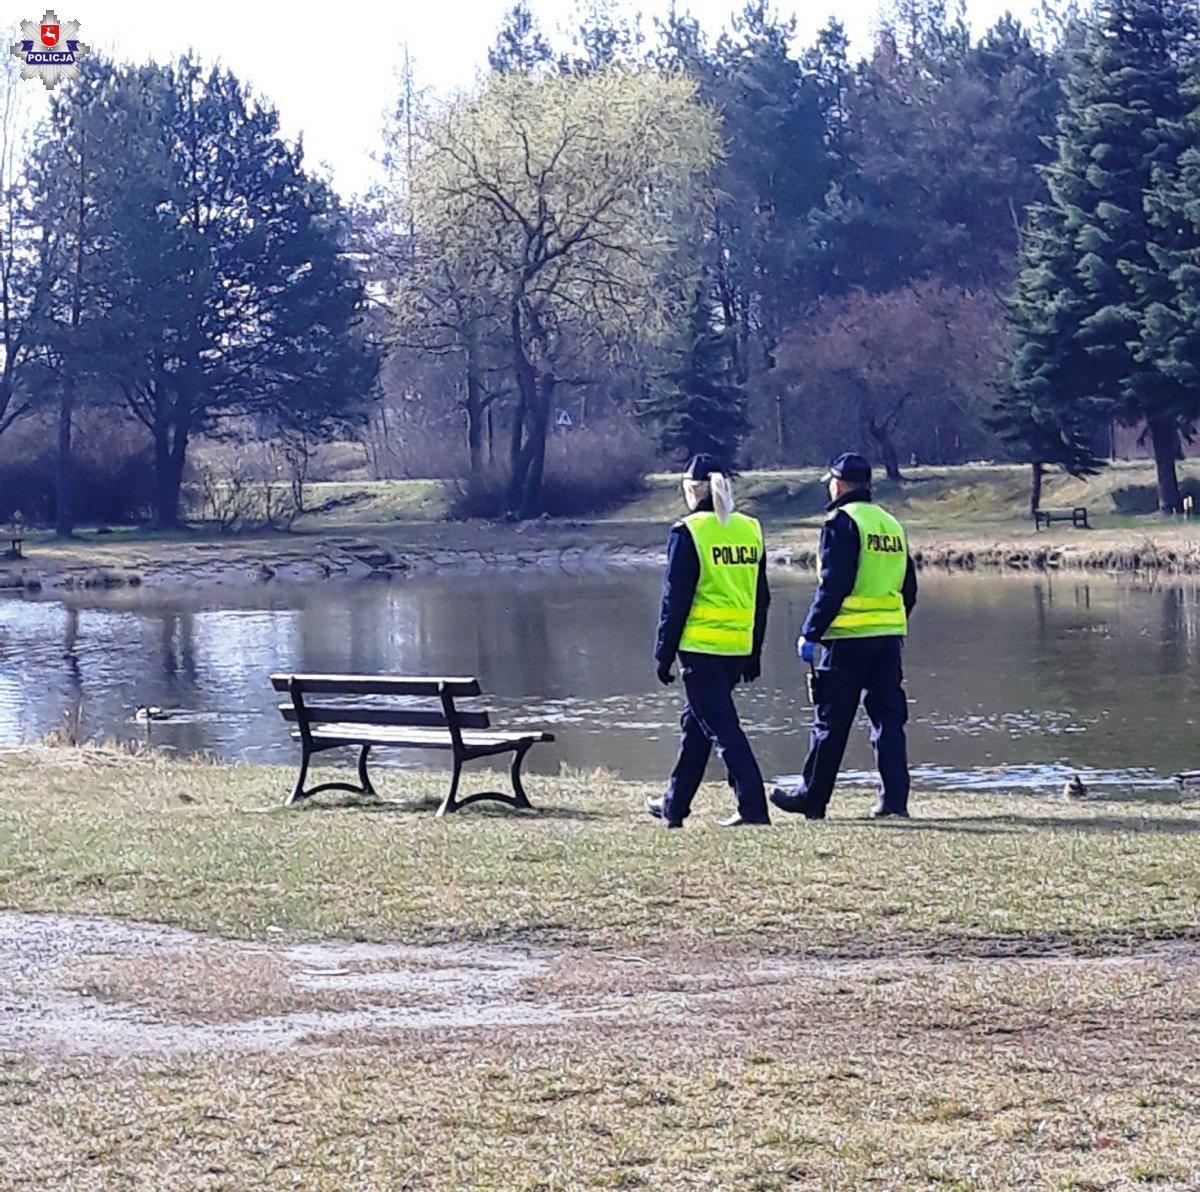 68 165709 Policja, Żandarmeria Wojskowa, WOT i Straż Miejska w walce o bezpieczeństwo (zdjęcia)